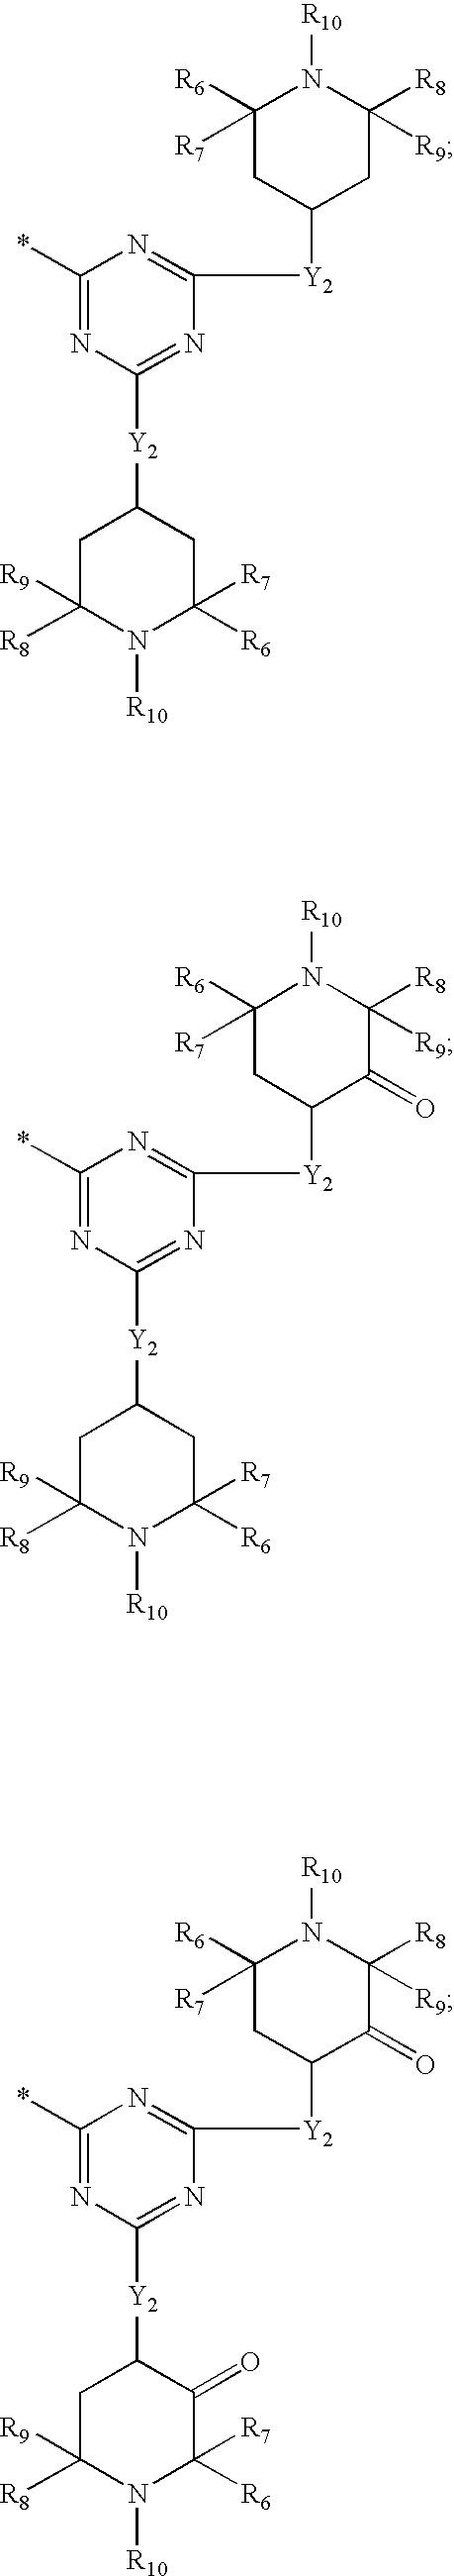 Figure US20070015883A1-20070118-C00015